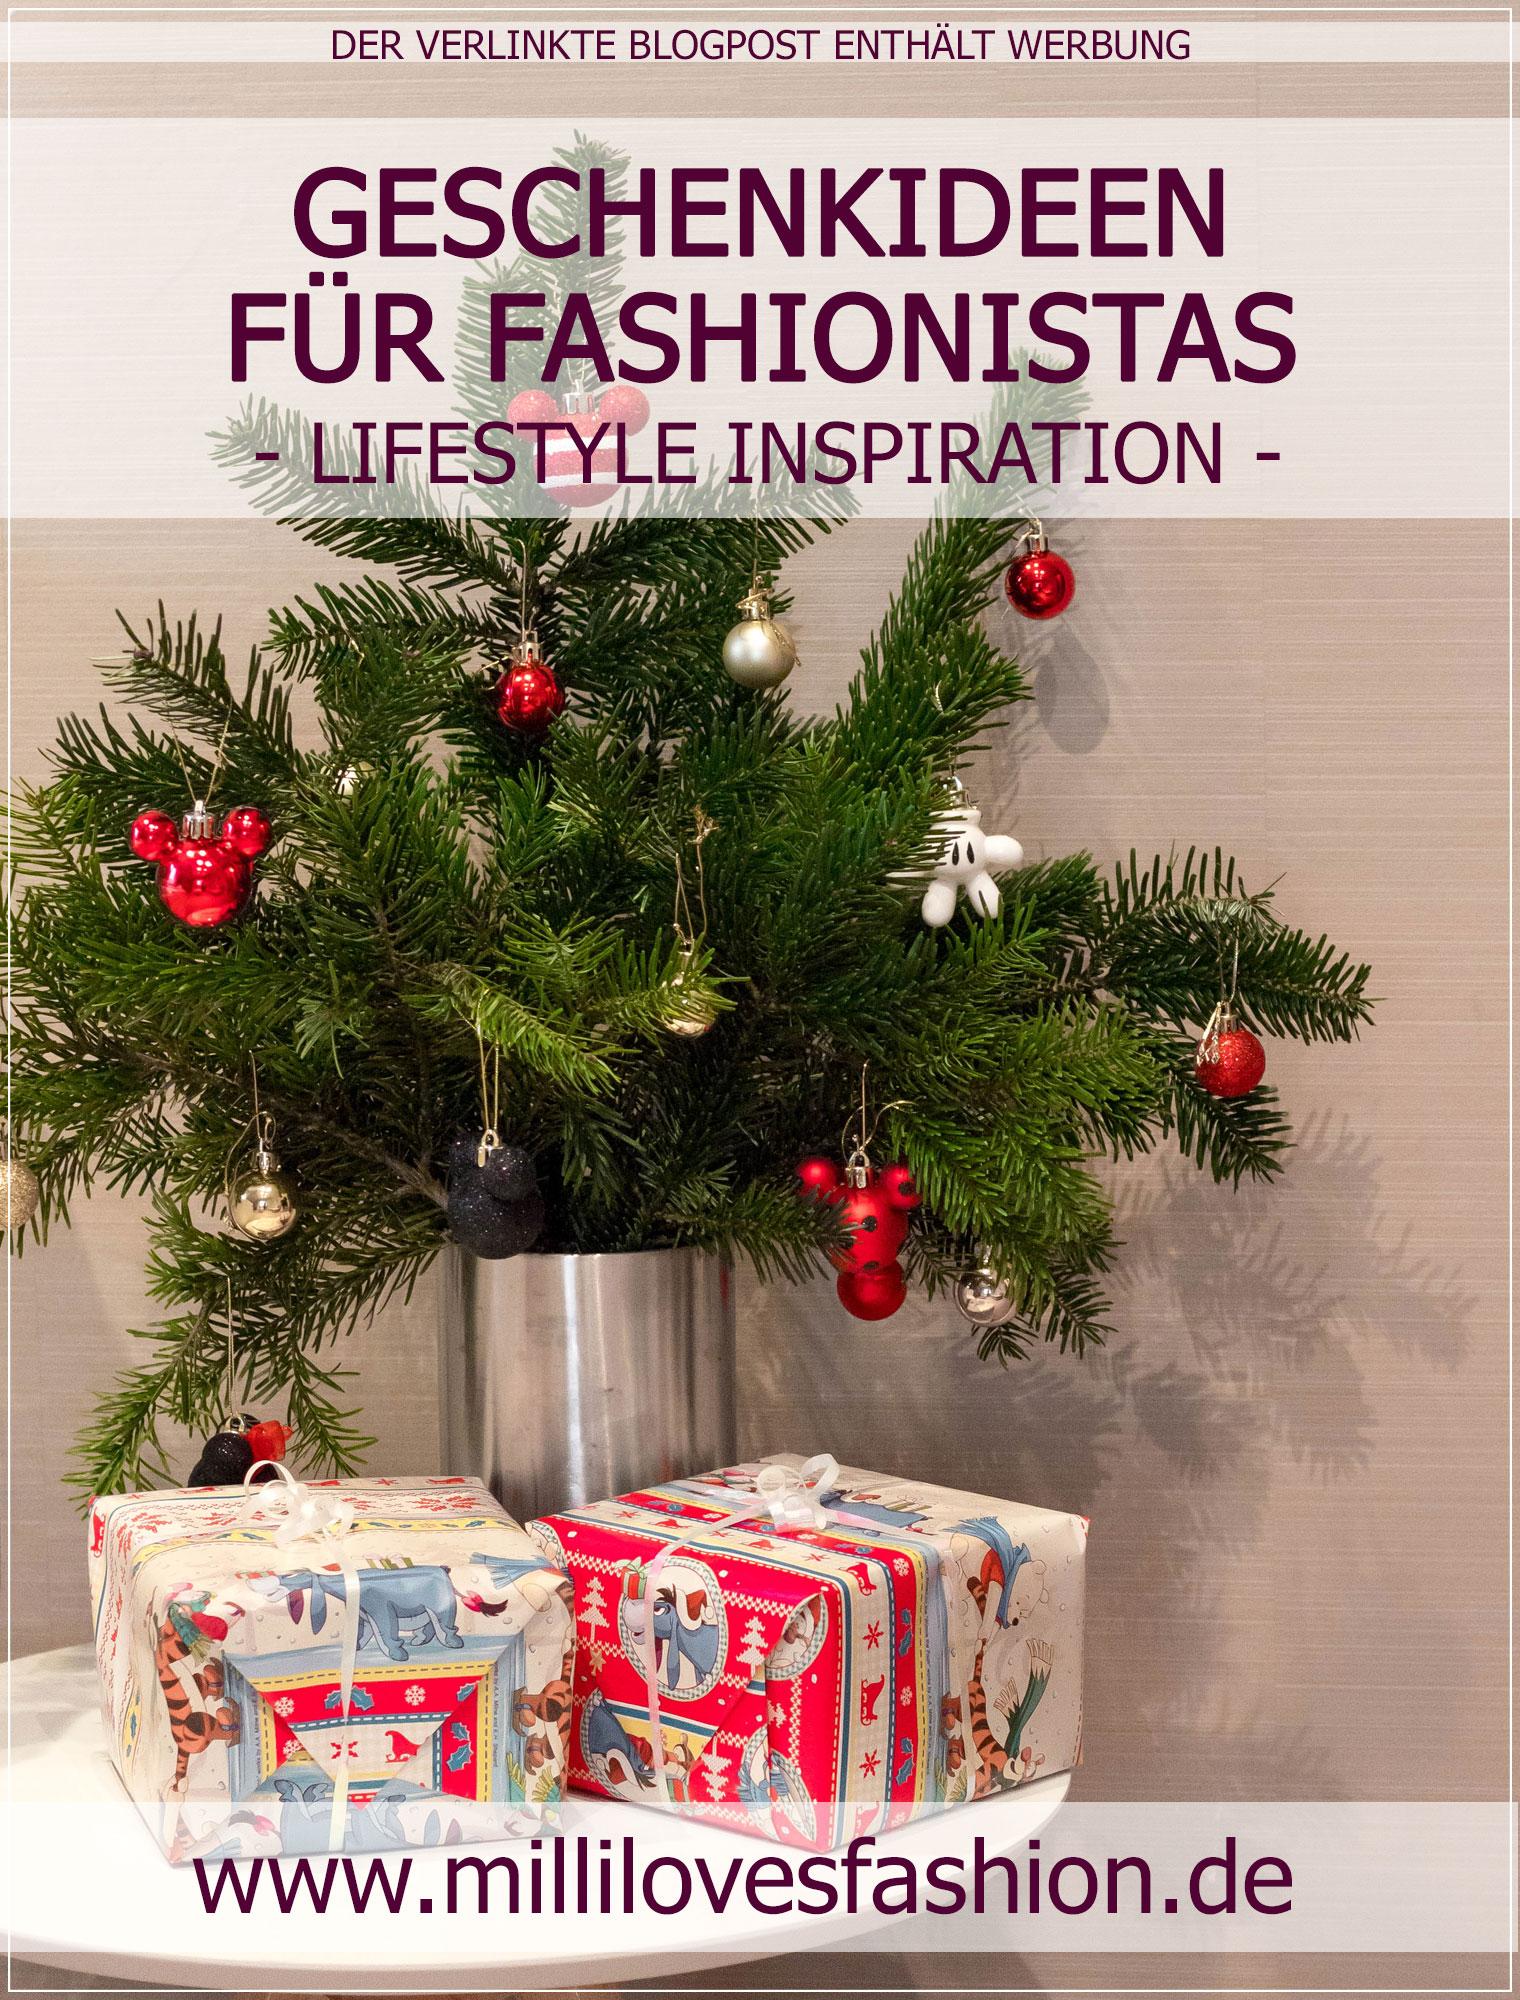 Weihnachtsgeschenkideen, Geschenkeguide, Geschenkideen für Fashionistas, Gift-Guide, Modetrends, Fashion, Modeblog, Ruhrgebiet, Herbstmode, Bloggerin, Fashionblog